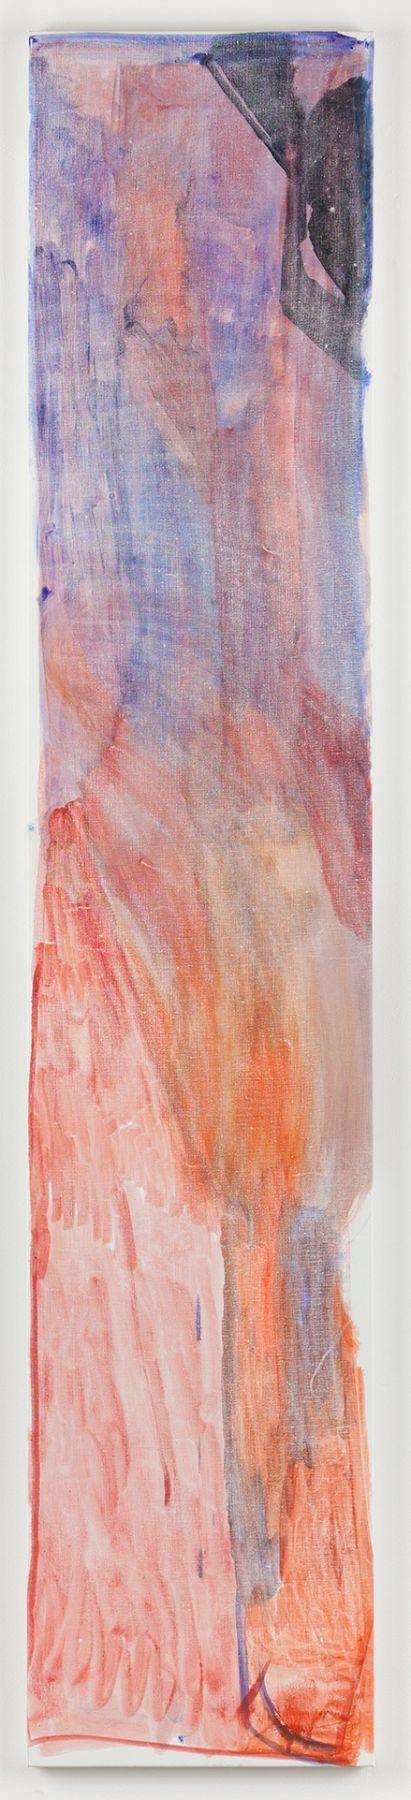 """Varda Caivano. Untitled. 2014. Acrylic on canvas. 79 1/2"""" x 15 3/4"""""""